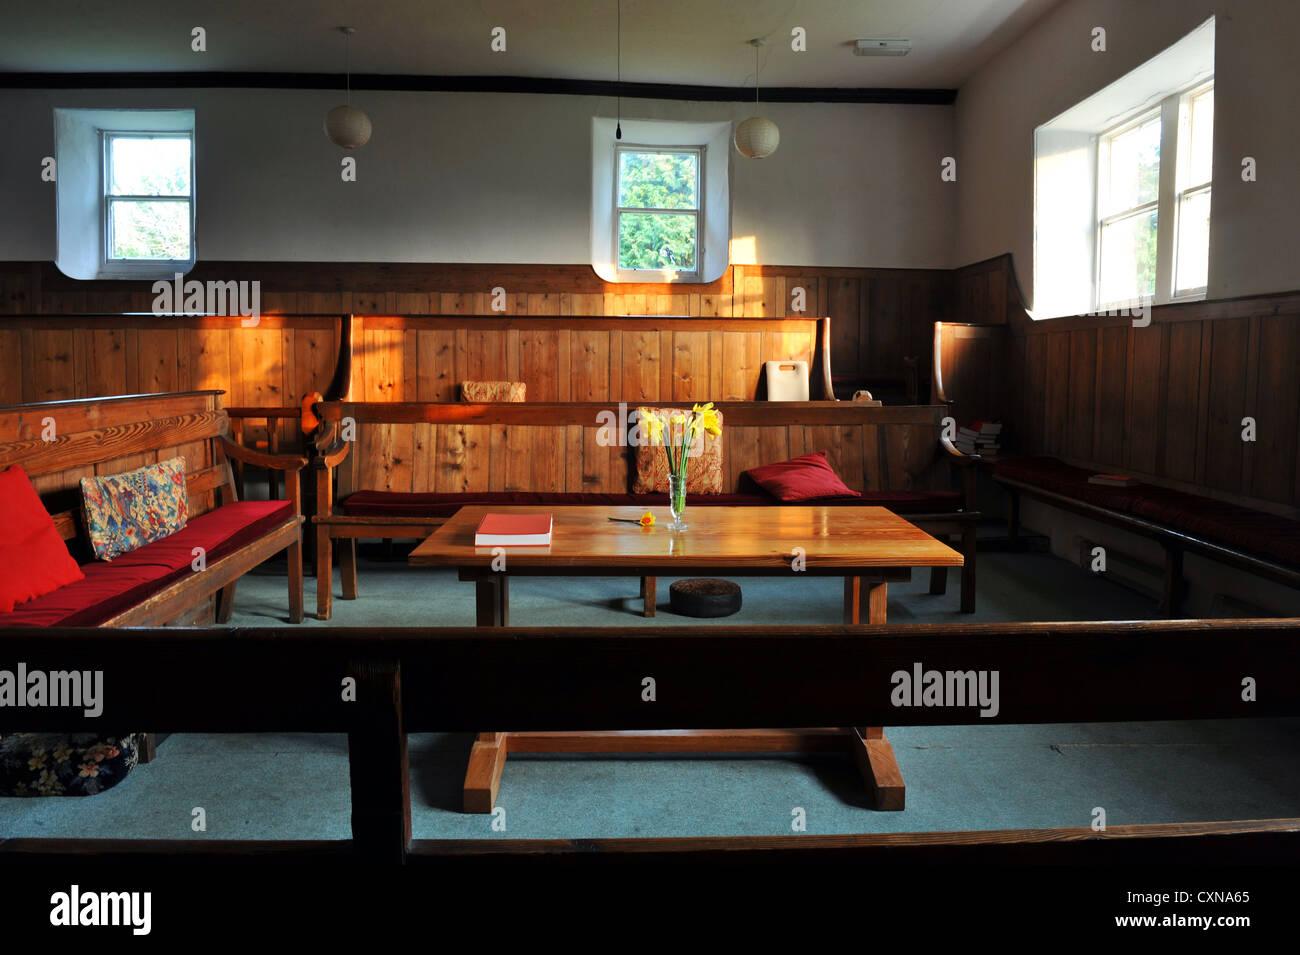 Quaker Meeting House, Rawden, Leeds REGNO UNITO Immagini Stock